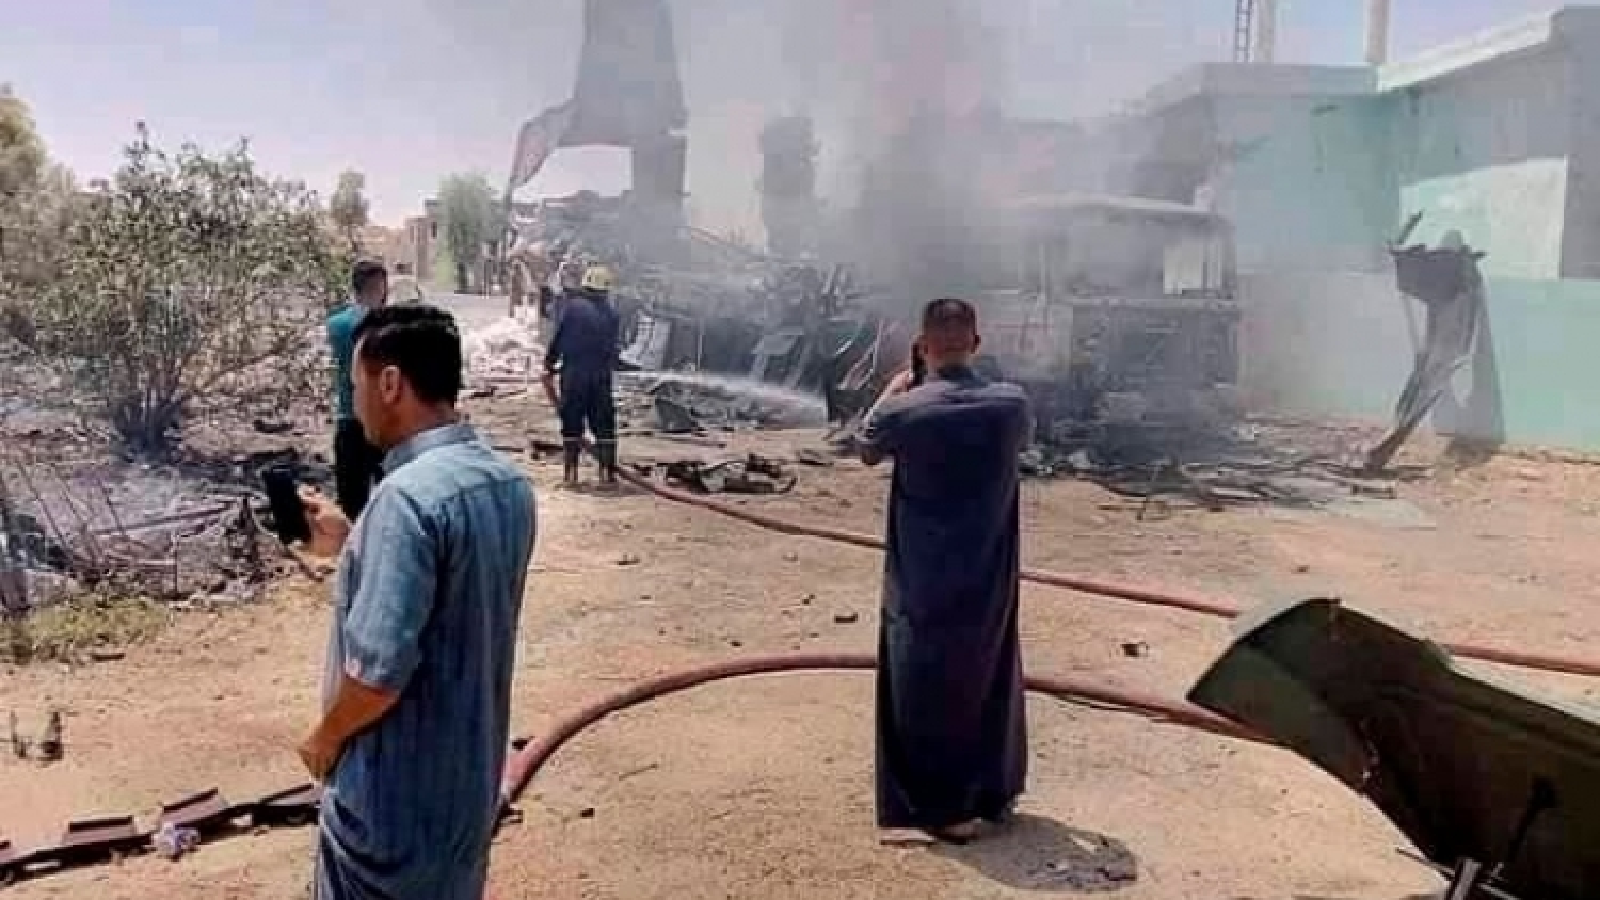 Hàng loạt vụ tấn công nhằm vào lực lượng Mỹ tại Iraq và Syria